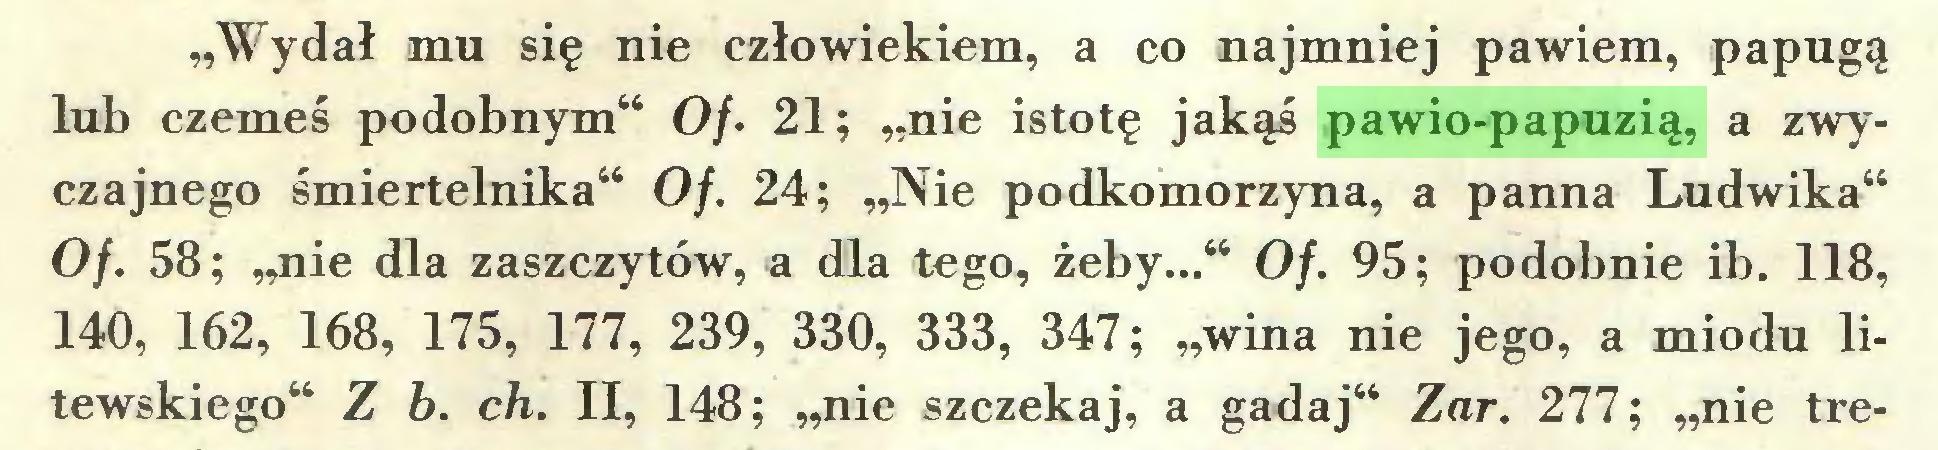 """(...) """"Wydał mu się nie człowiekiem, a co najmniej pawiem, papugą lub czemeś podobnym"""" O/. 21; """"nie istotę jakąś pawio-papuzią, a zwyczajnego śmiertelnika"""" Of. 24; """"Nie podkomorzyna, a panna Ludwika"""" Of. 58; """"nie dla zaszczytów, a dla tego, żeby..."""" Of. 95; podobnie ib. 118, 140, 162, 168, 175, 177, 239, 330, 333, 347; """"wina nie jego, a miodu litewskiego"""" Z b. ch. II, 148; """"nie szczekaj, a gadaj"""" Zar. 277; """"nie tre..."""